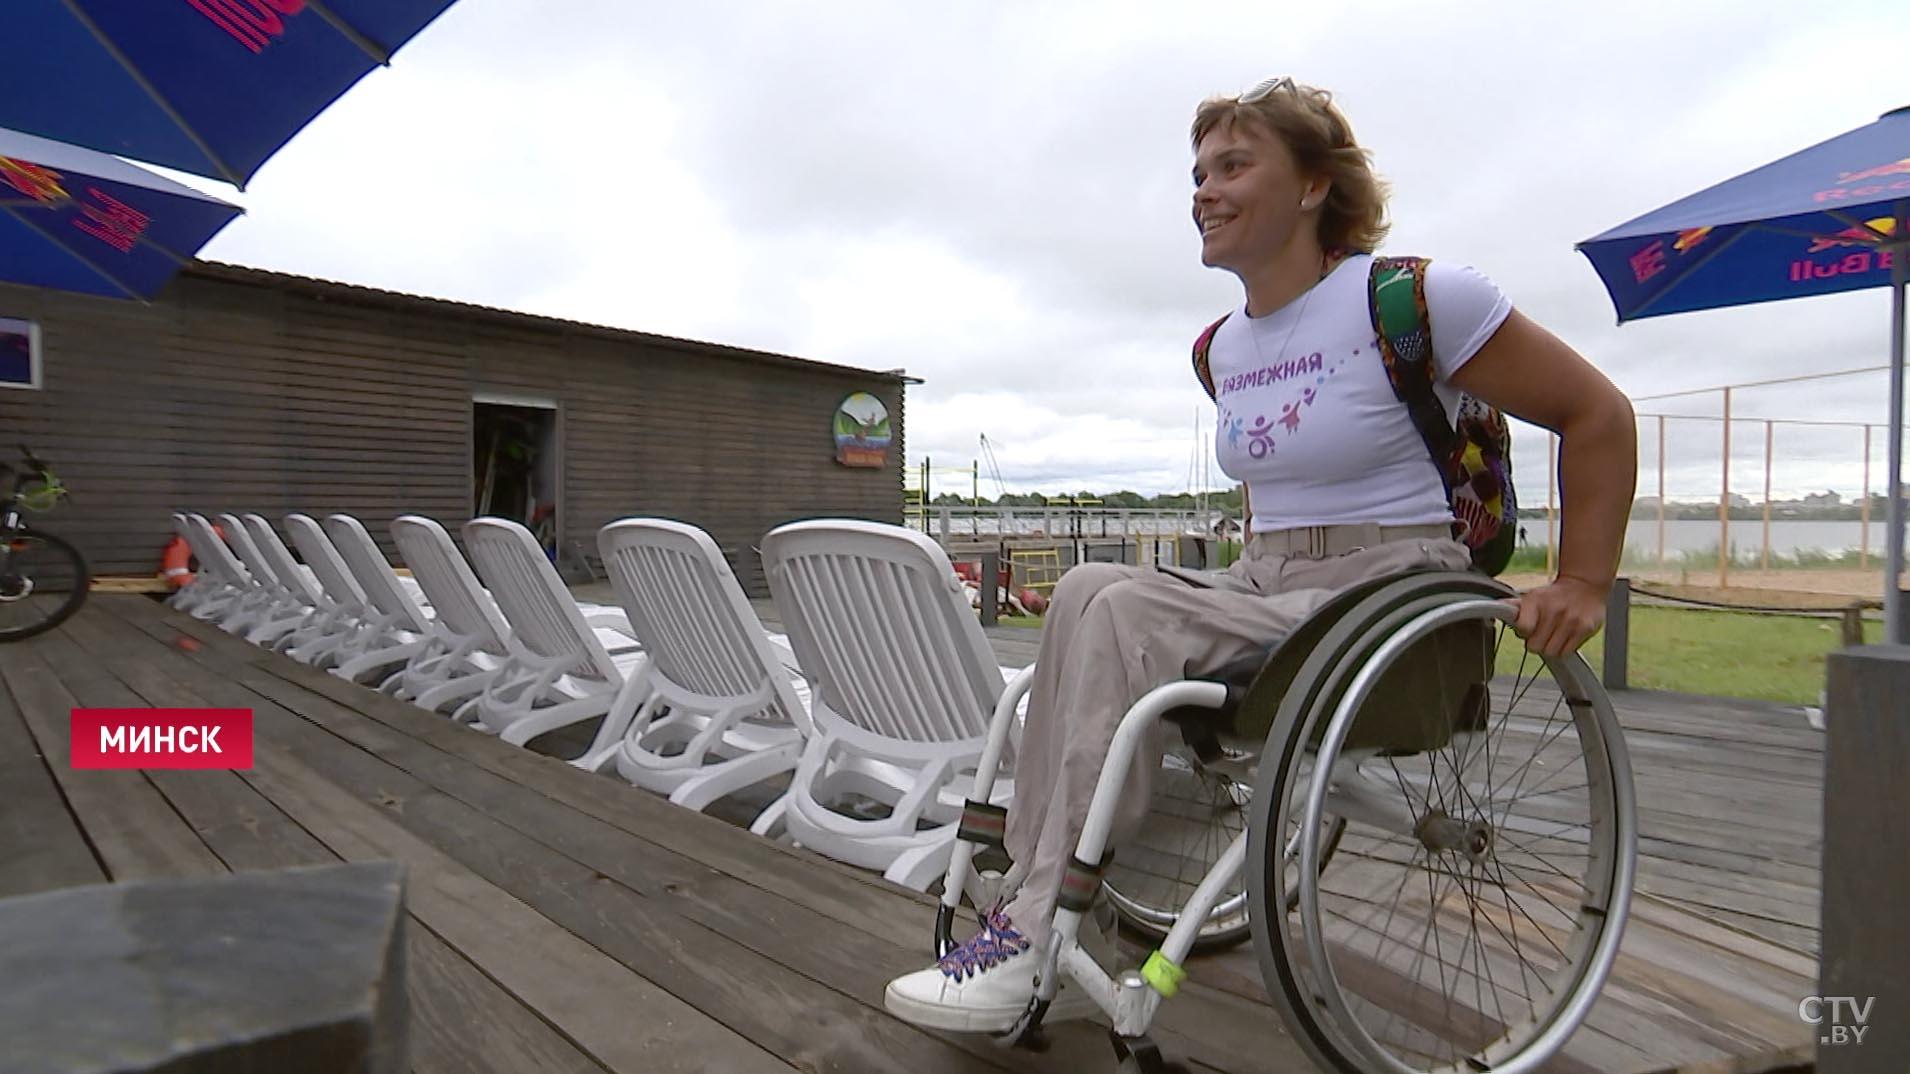 Вейкборд для людей с ограниченными возможностями. Этот вид спорта проверила на себе паралимпийская чемпионка